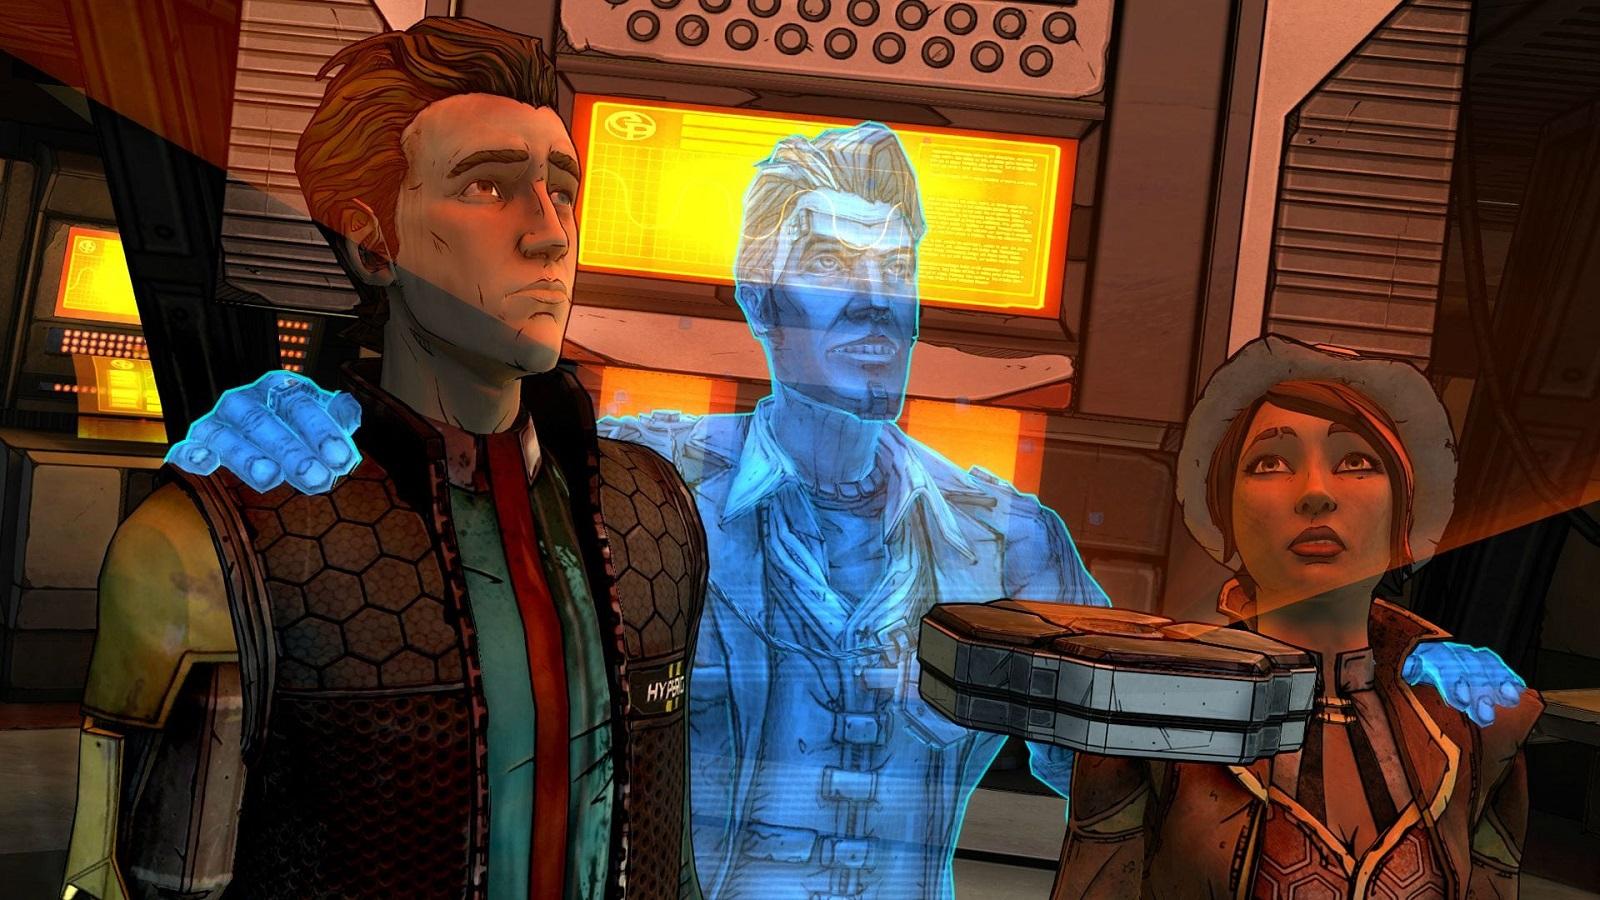 Tales from the Borderlands вернётся на цифровые прилавки уже 17 февраля